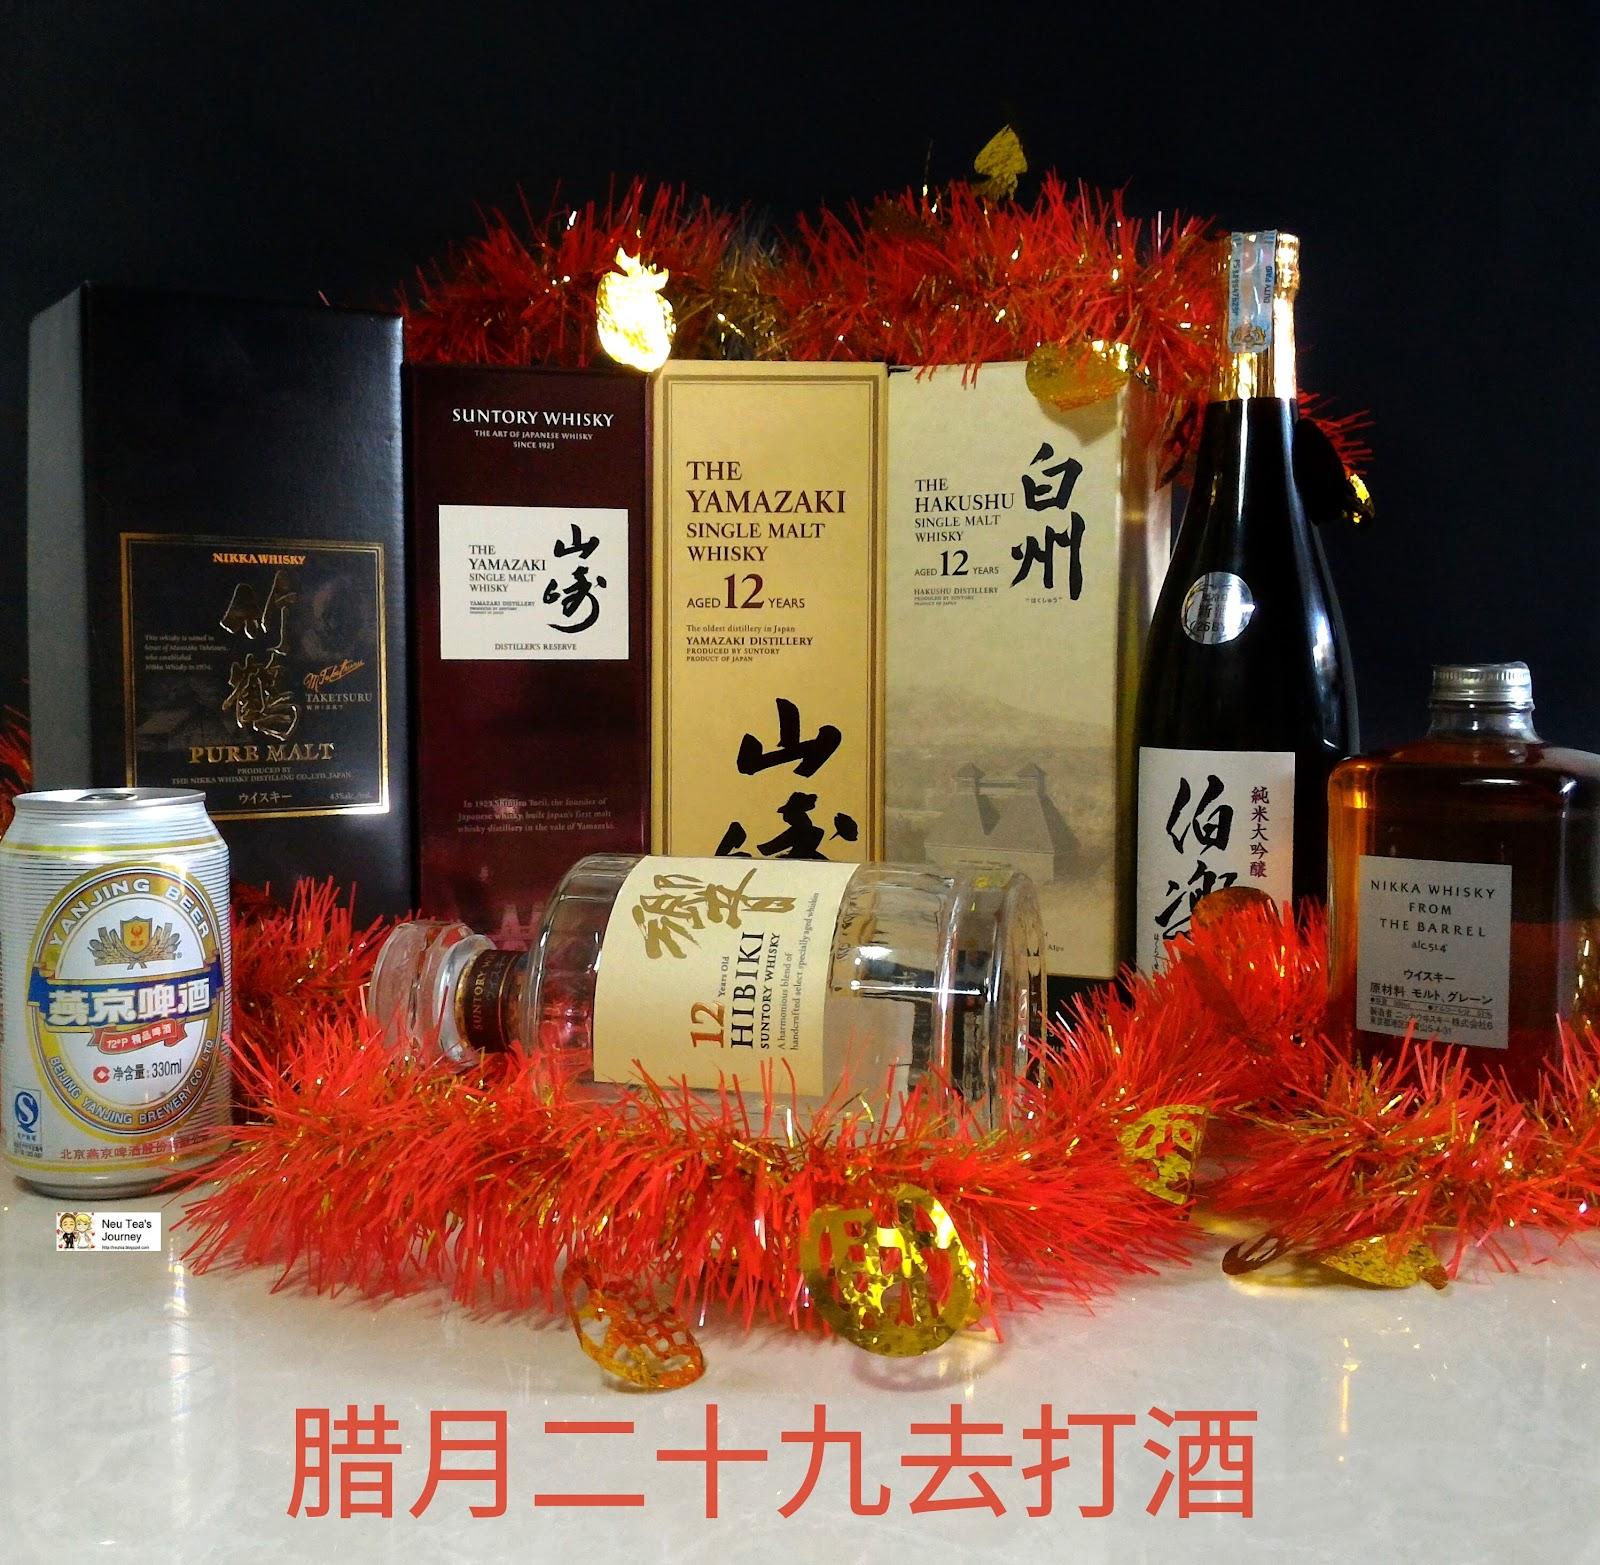 腊月二十九去打酒 Buy the wine on the 29th day of the lunar 12th month